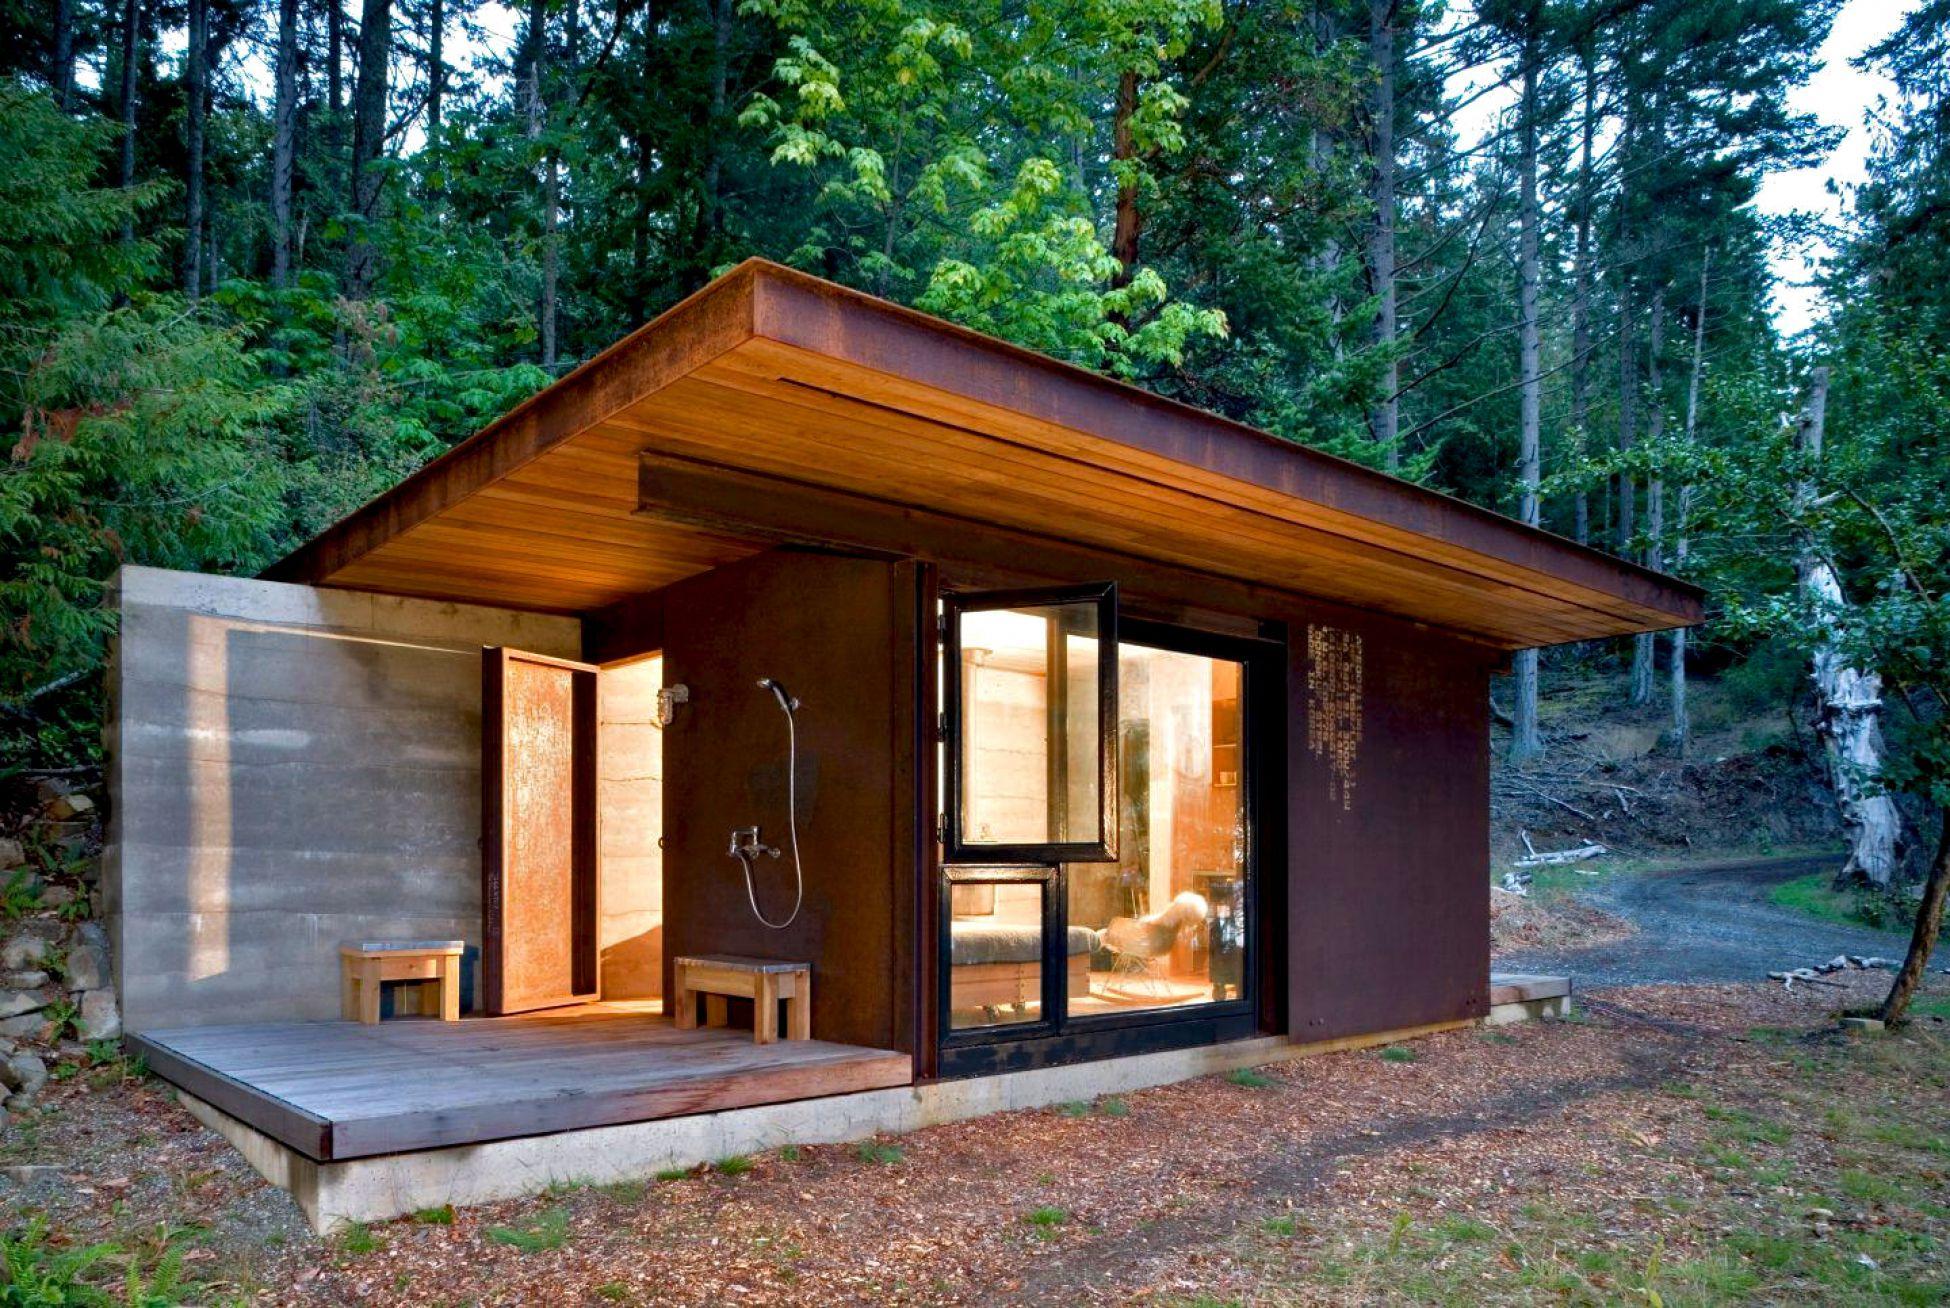 Интерьер бани: рекомендации по оформлению внутреннего пространства помещений бани с использованием различных материалов